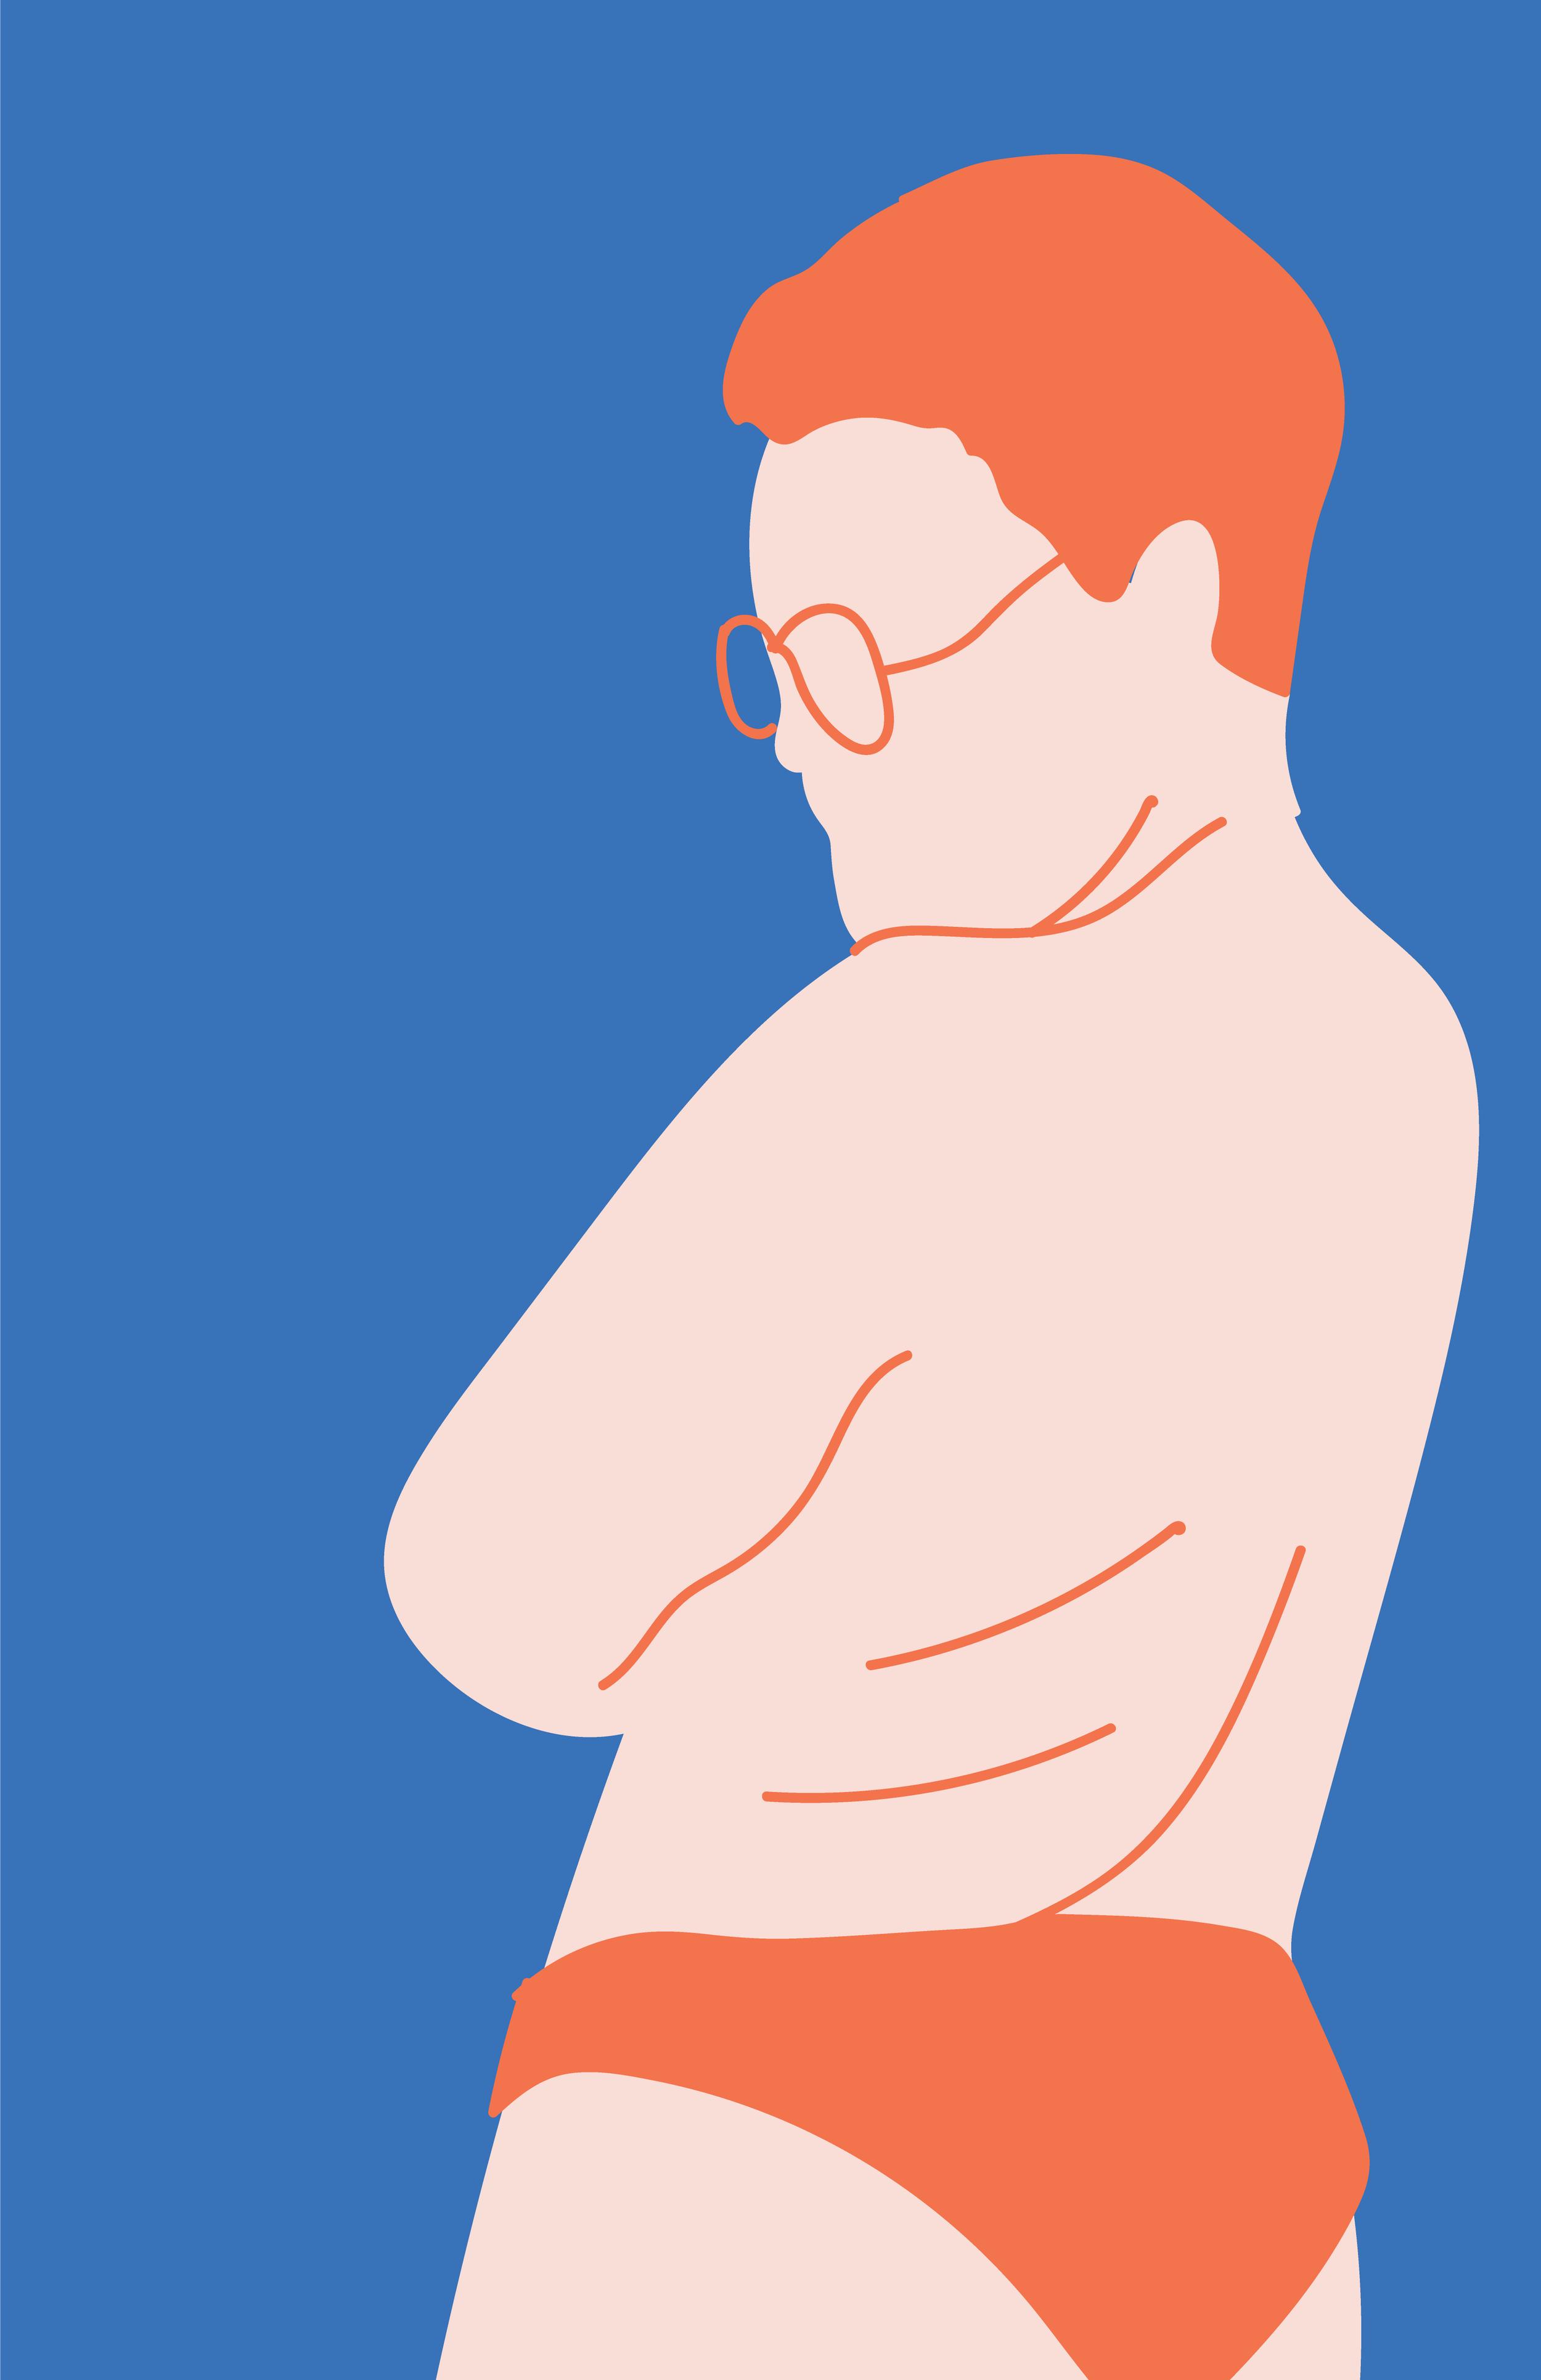 illustrations-eva-mar5-03.png